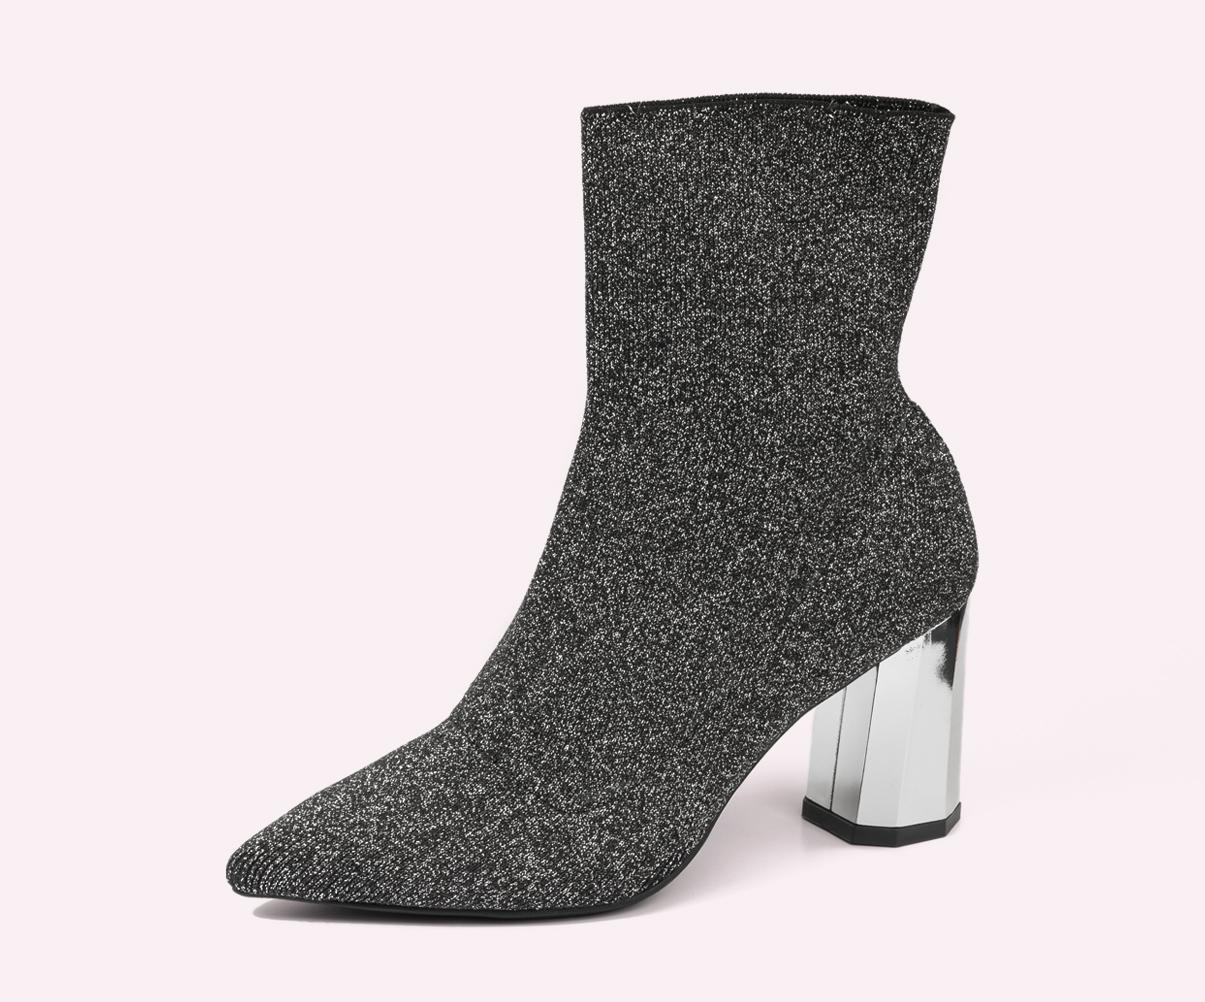 zapatos botín para señora fabricados por la fábrica de calzado Sandra Stylozapatos botín para mujer fabricados por la fábrica de zapatos Sandra Stylo